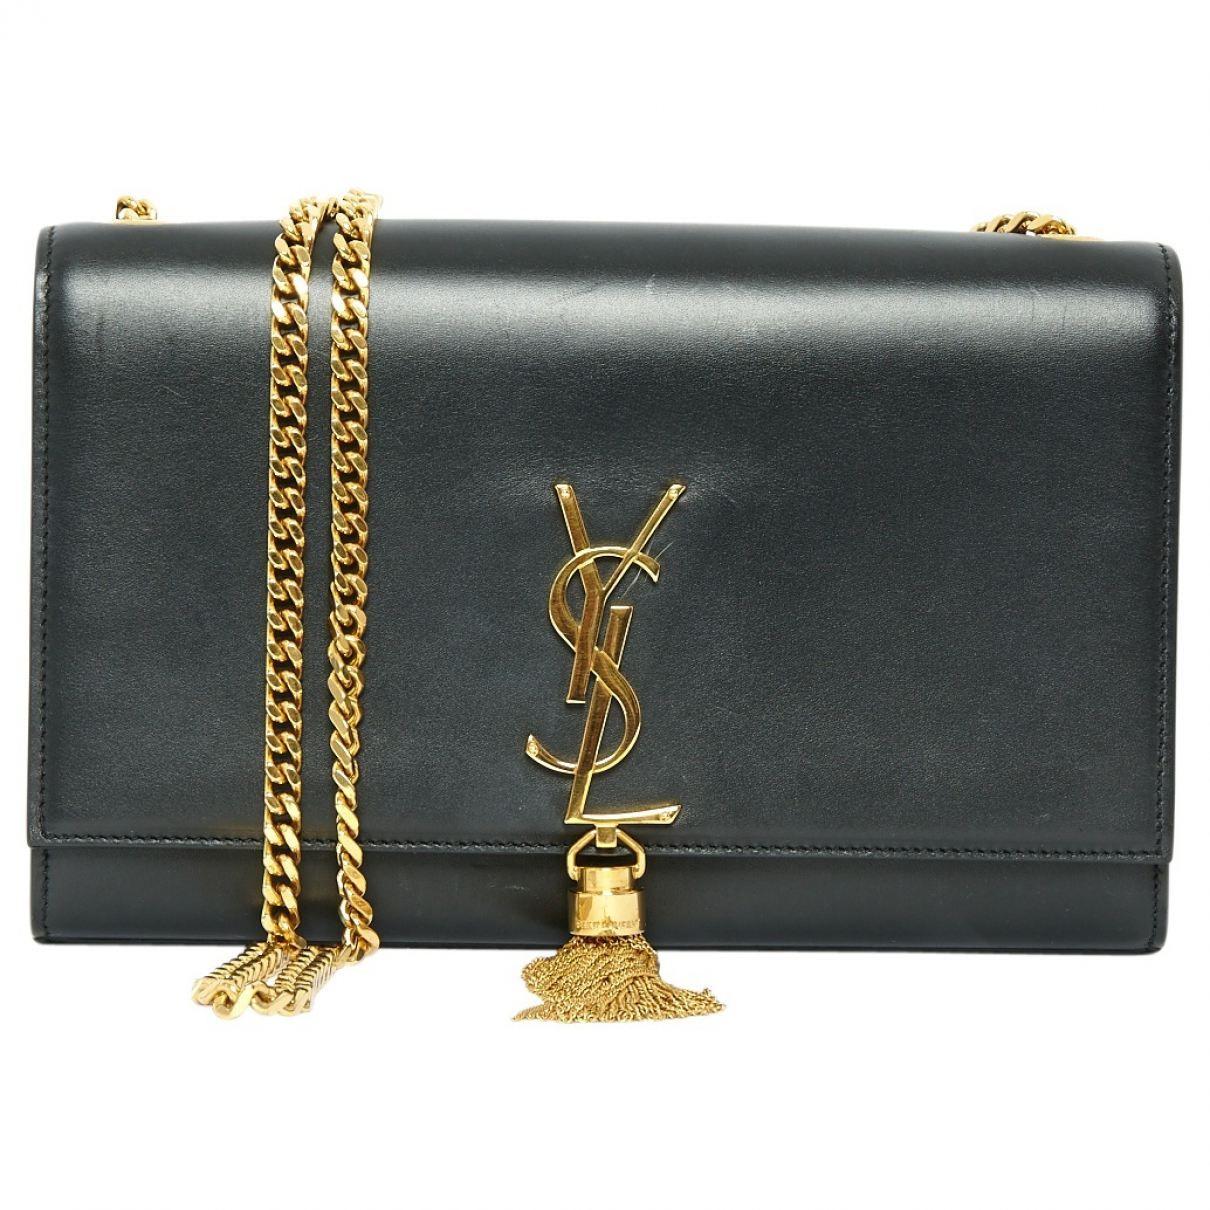 b0dcdb17388 Saint Laurent Bag | Vestiaire Collective | THE FINER DETAILS | Black ...